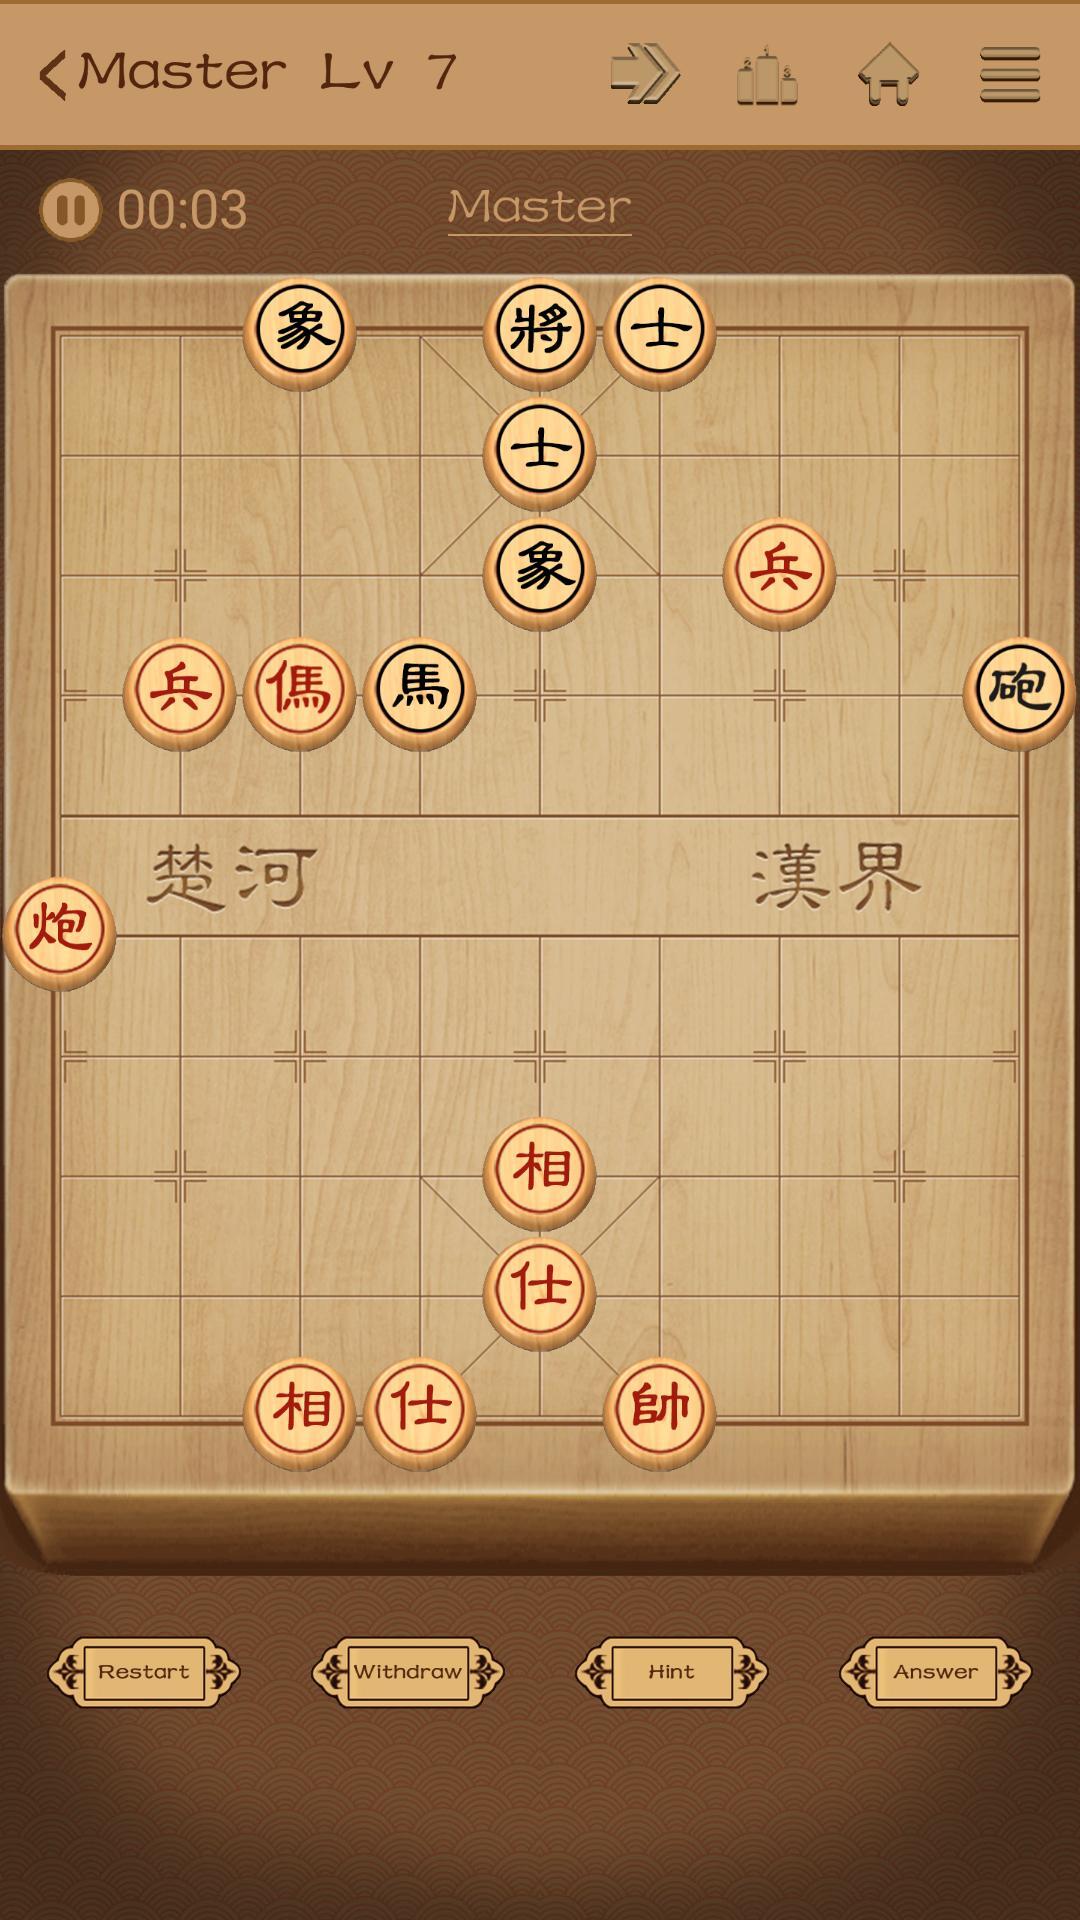 Chinese Chess from beginner to master 1.6.2 Screenshot 9